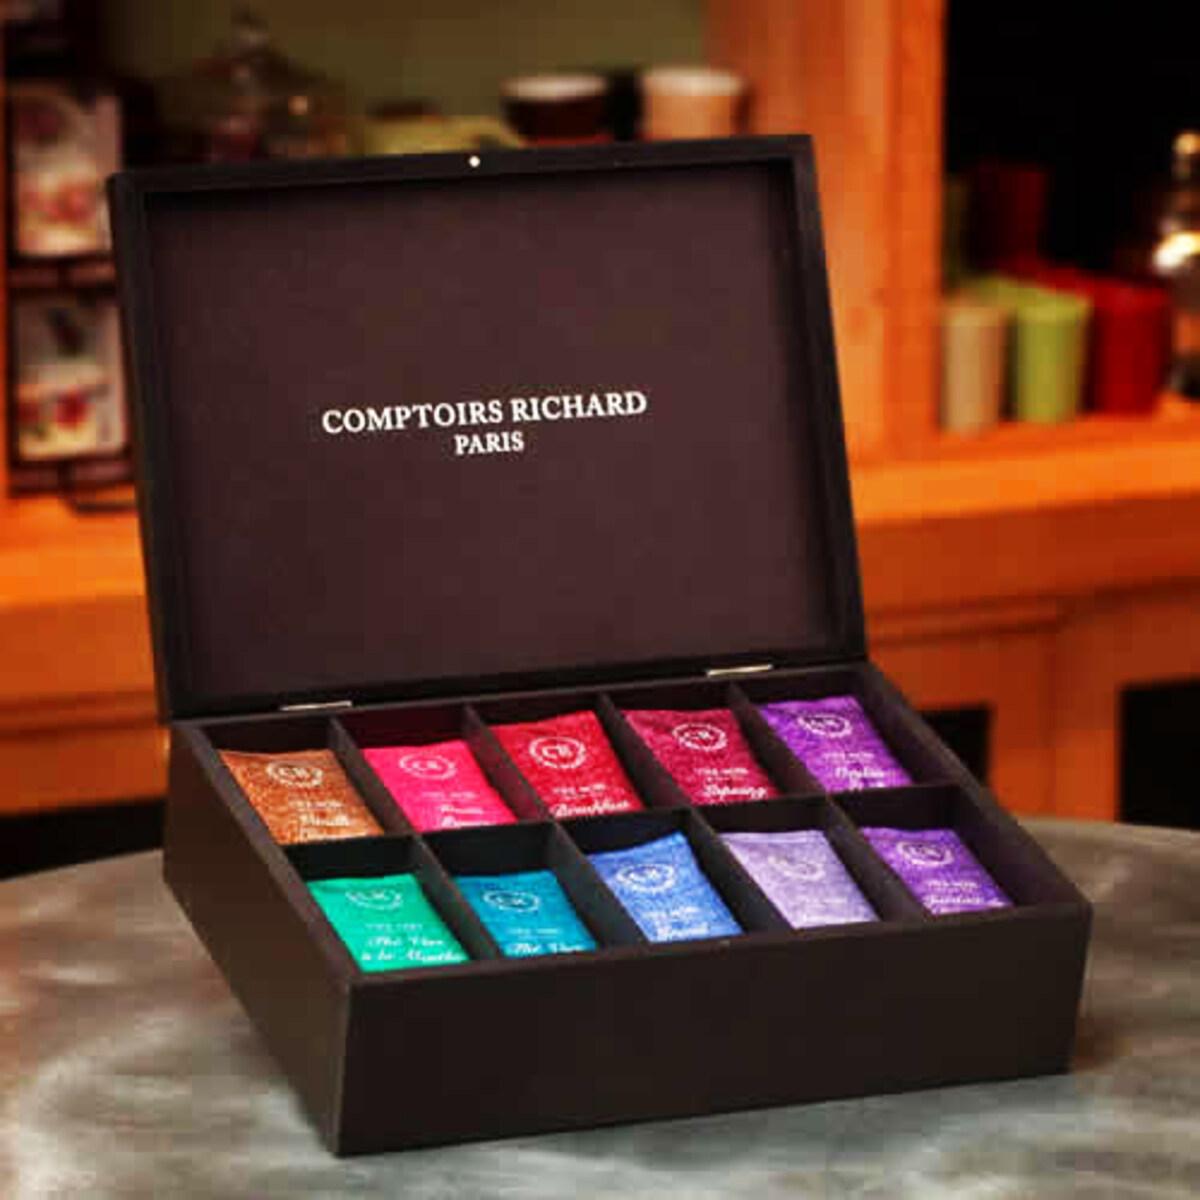 Coffret Thés Comptoirs Richard  - Set de cadou de 100 pliculețe de ceai verde și negru